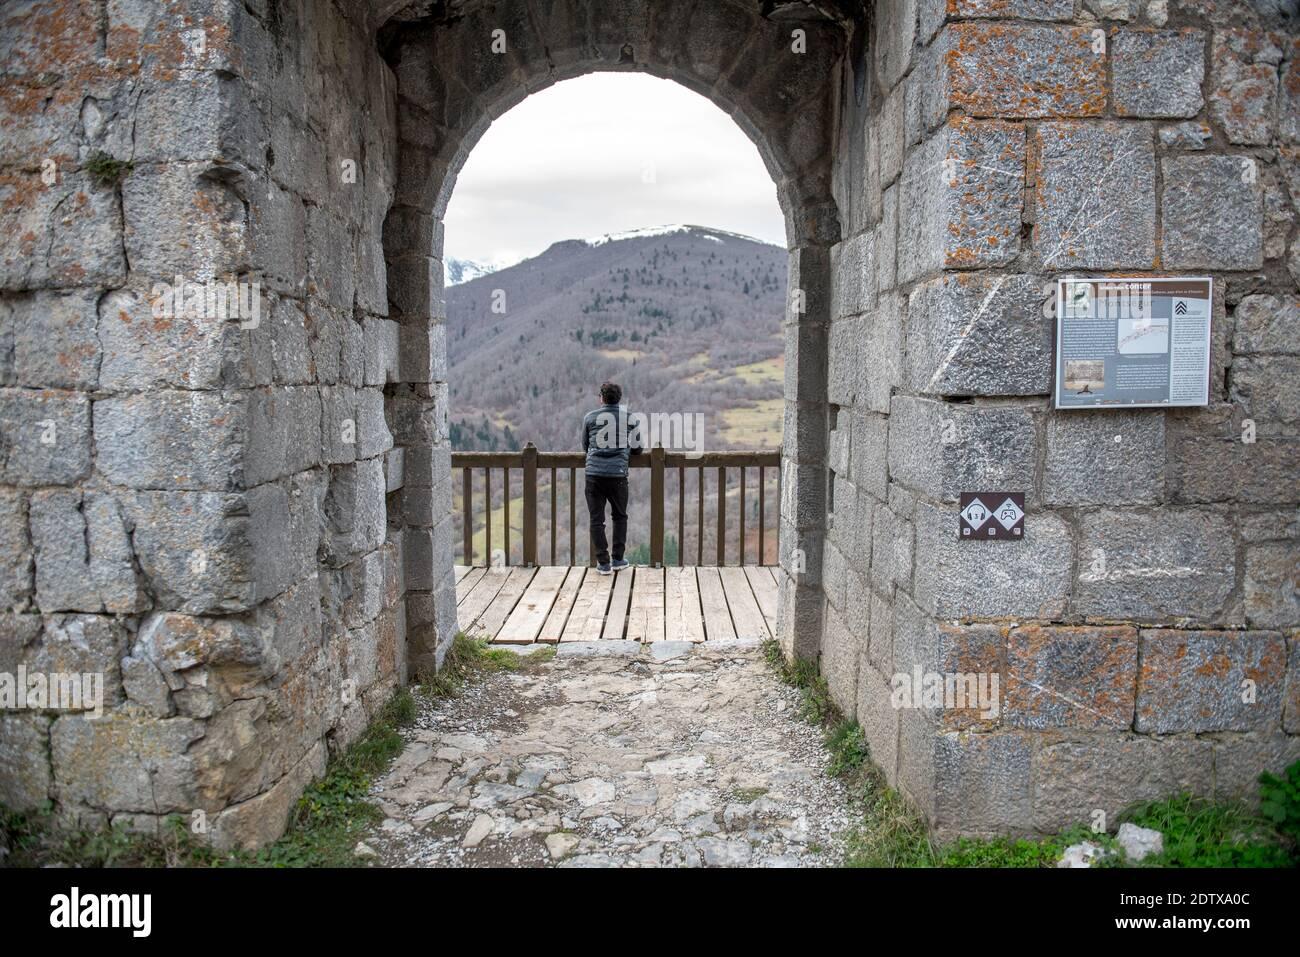 Montsegur, Aringe, Frankreich: 2020 ab Dezember 20: Männer im Katharerschloss von Montsegur in Ariege, Okzitanien in Südfrankreich im Winter 2020 Stockfoto